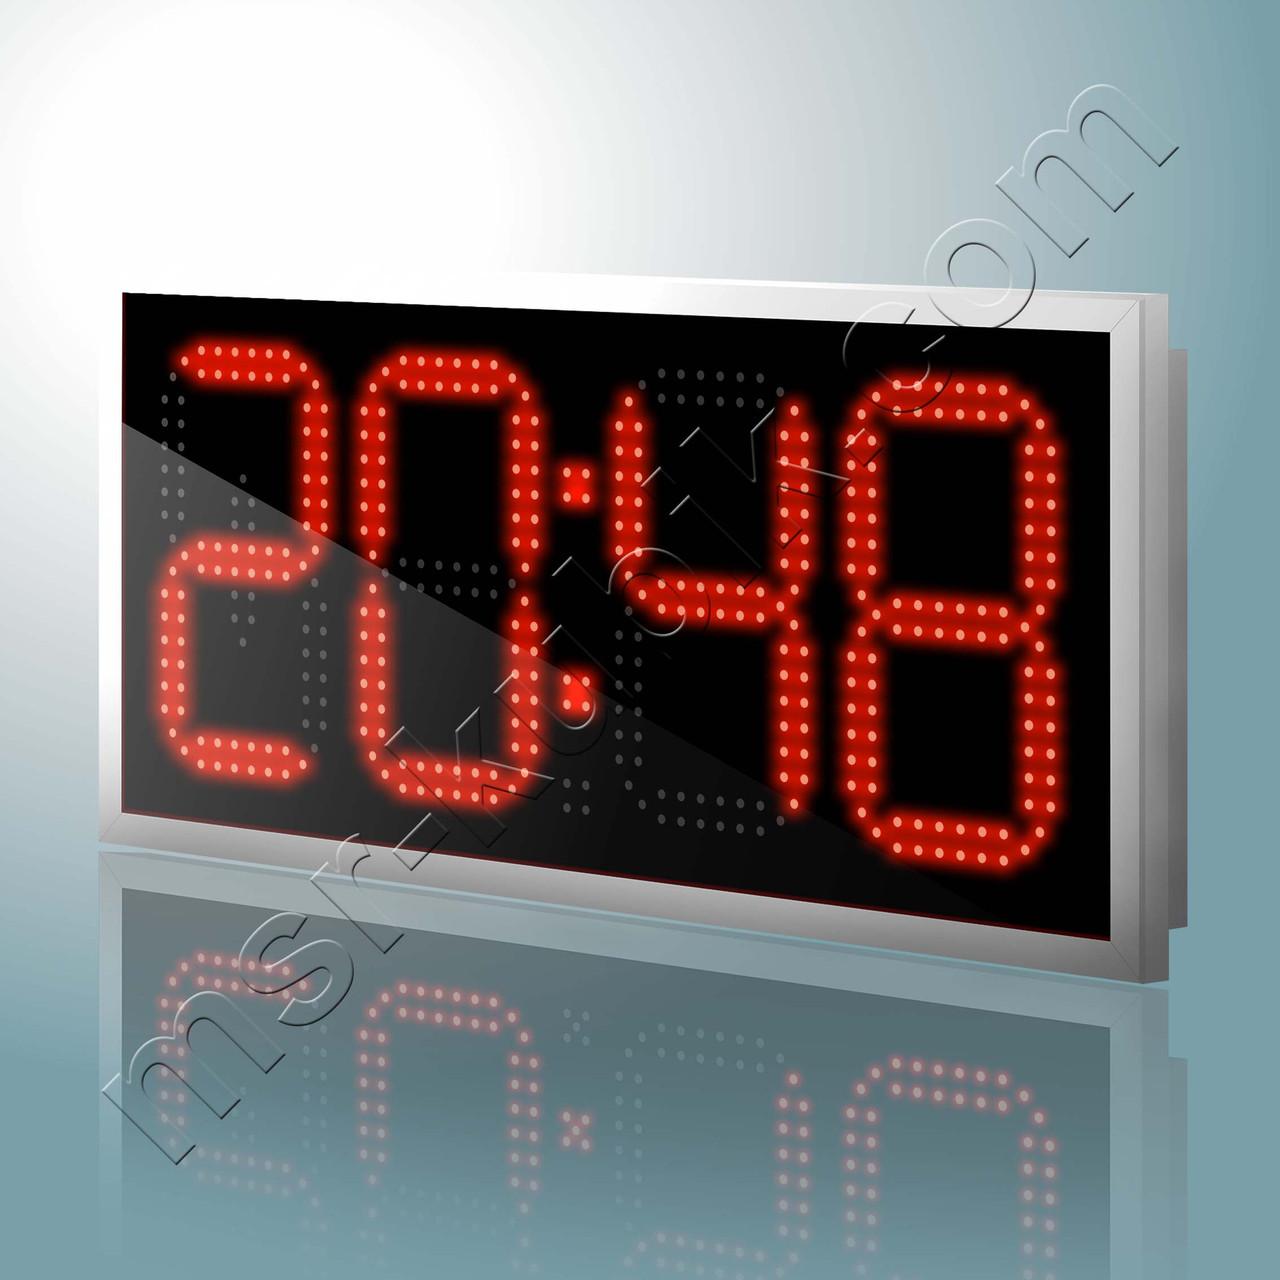 Табло стоимость часов в час калькуляция стоимости работ